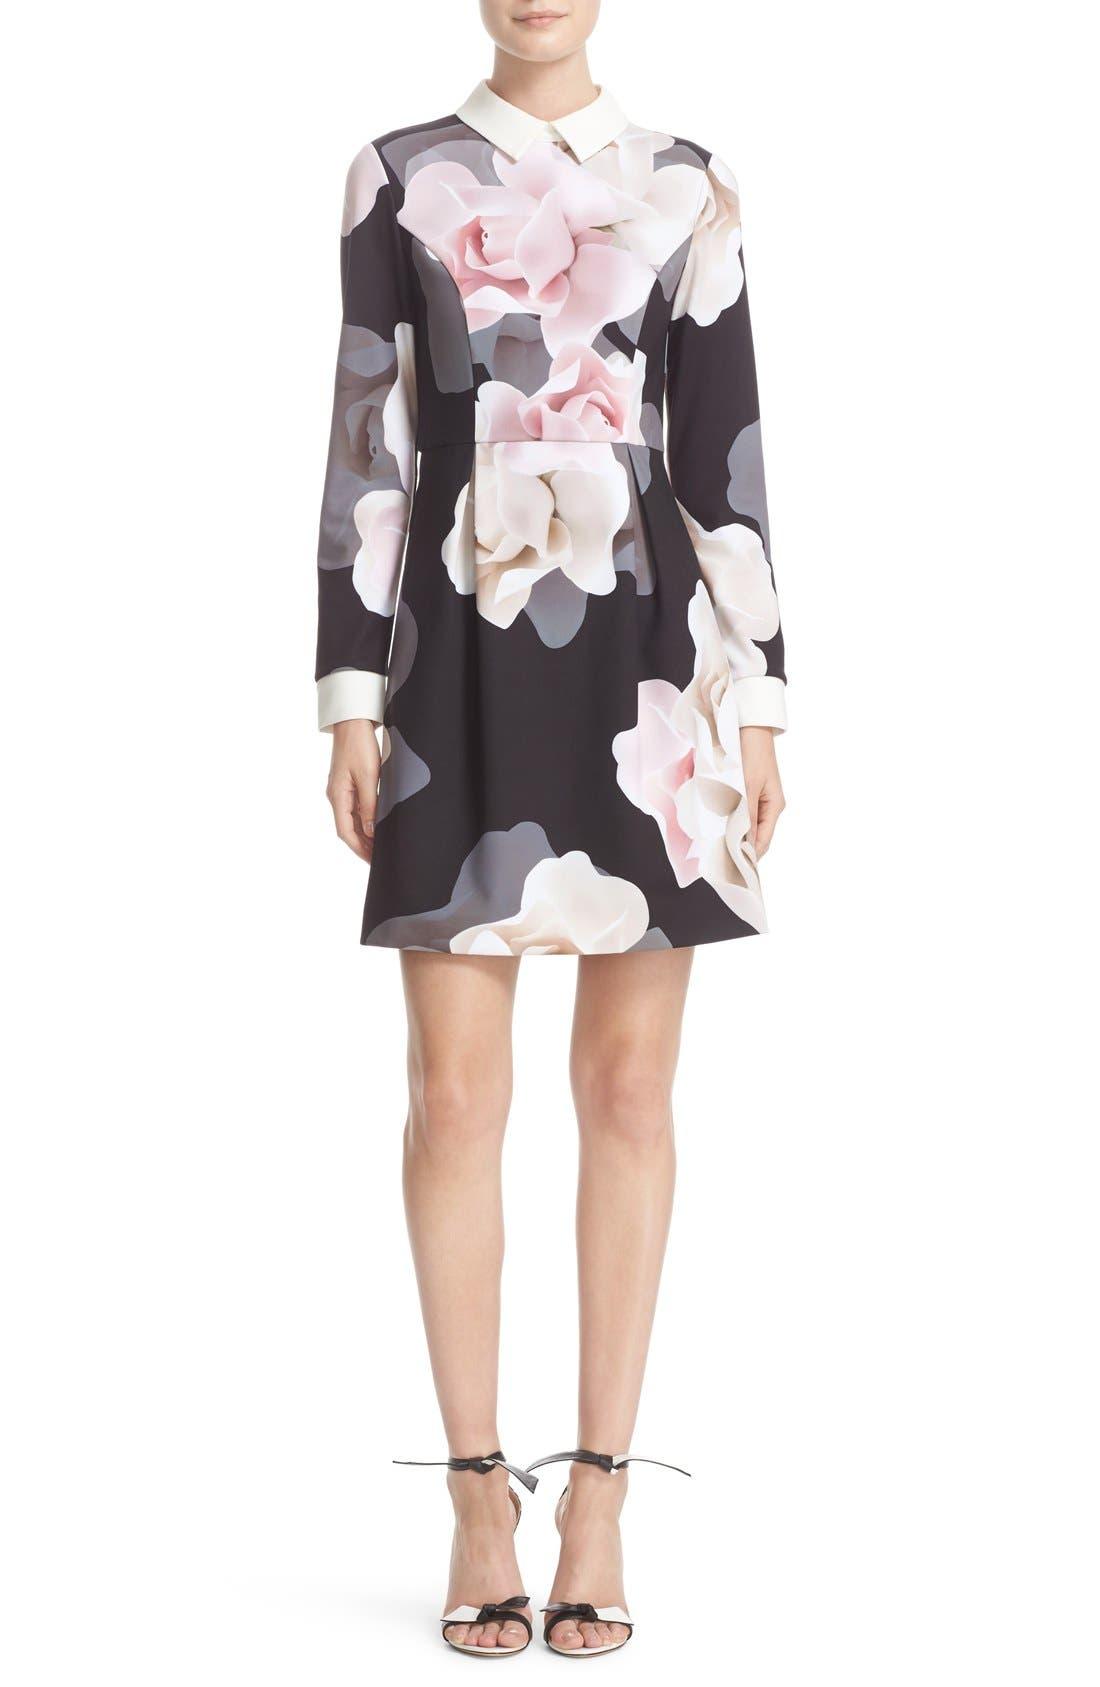 Alternate Image 1 Selected - Ted Baker London Porcelain Rose Print Contrast Trim Fit & Flare Dress